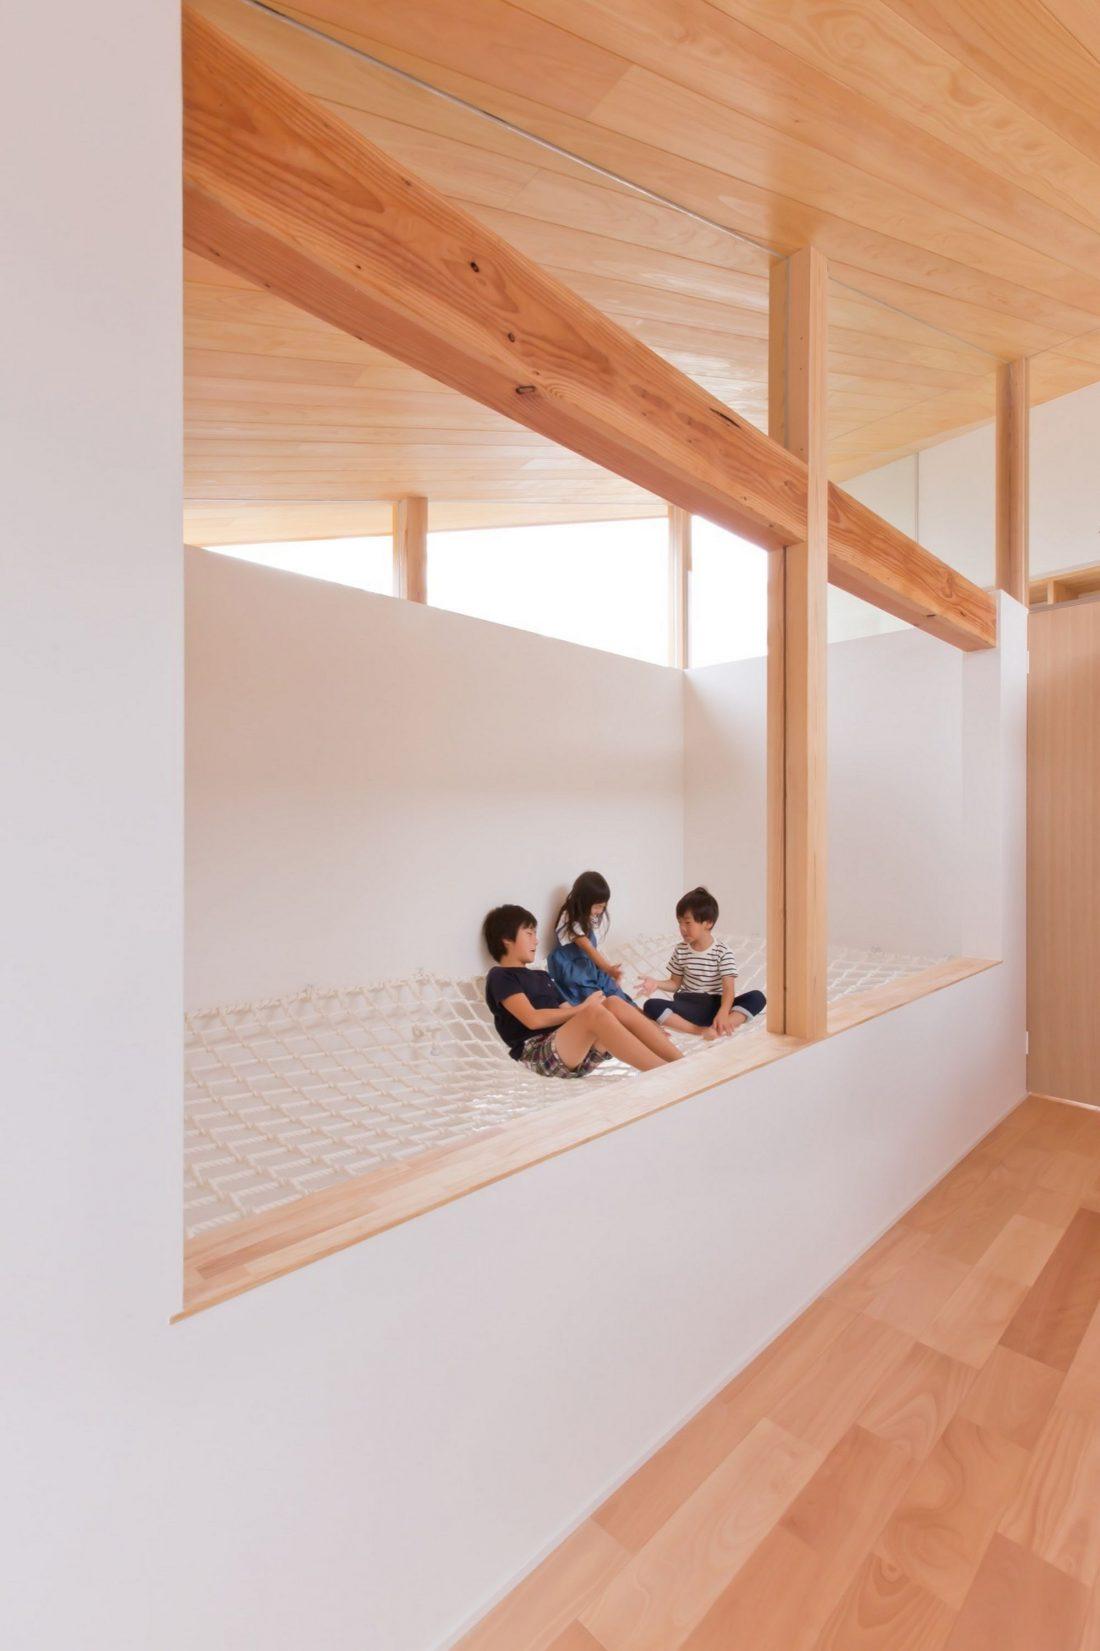 dom-v-stile-yaponskogo-minimalizma-v-kioto-proekt-alts-design-office-3